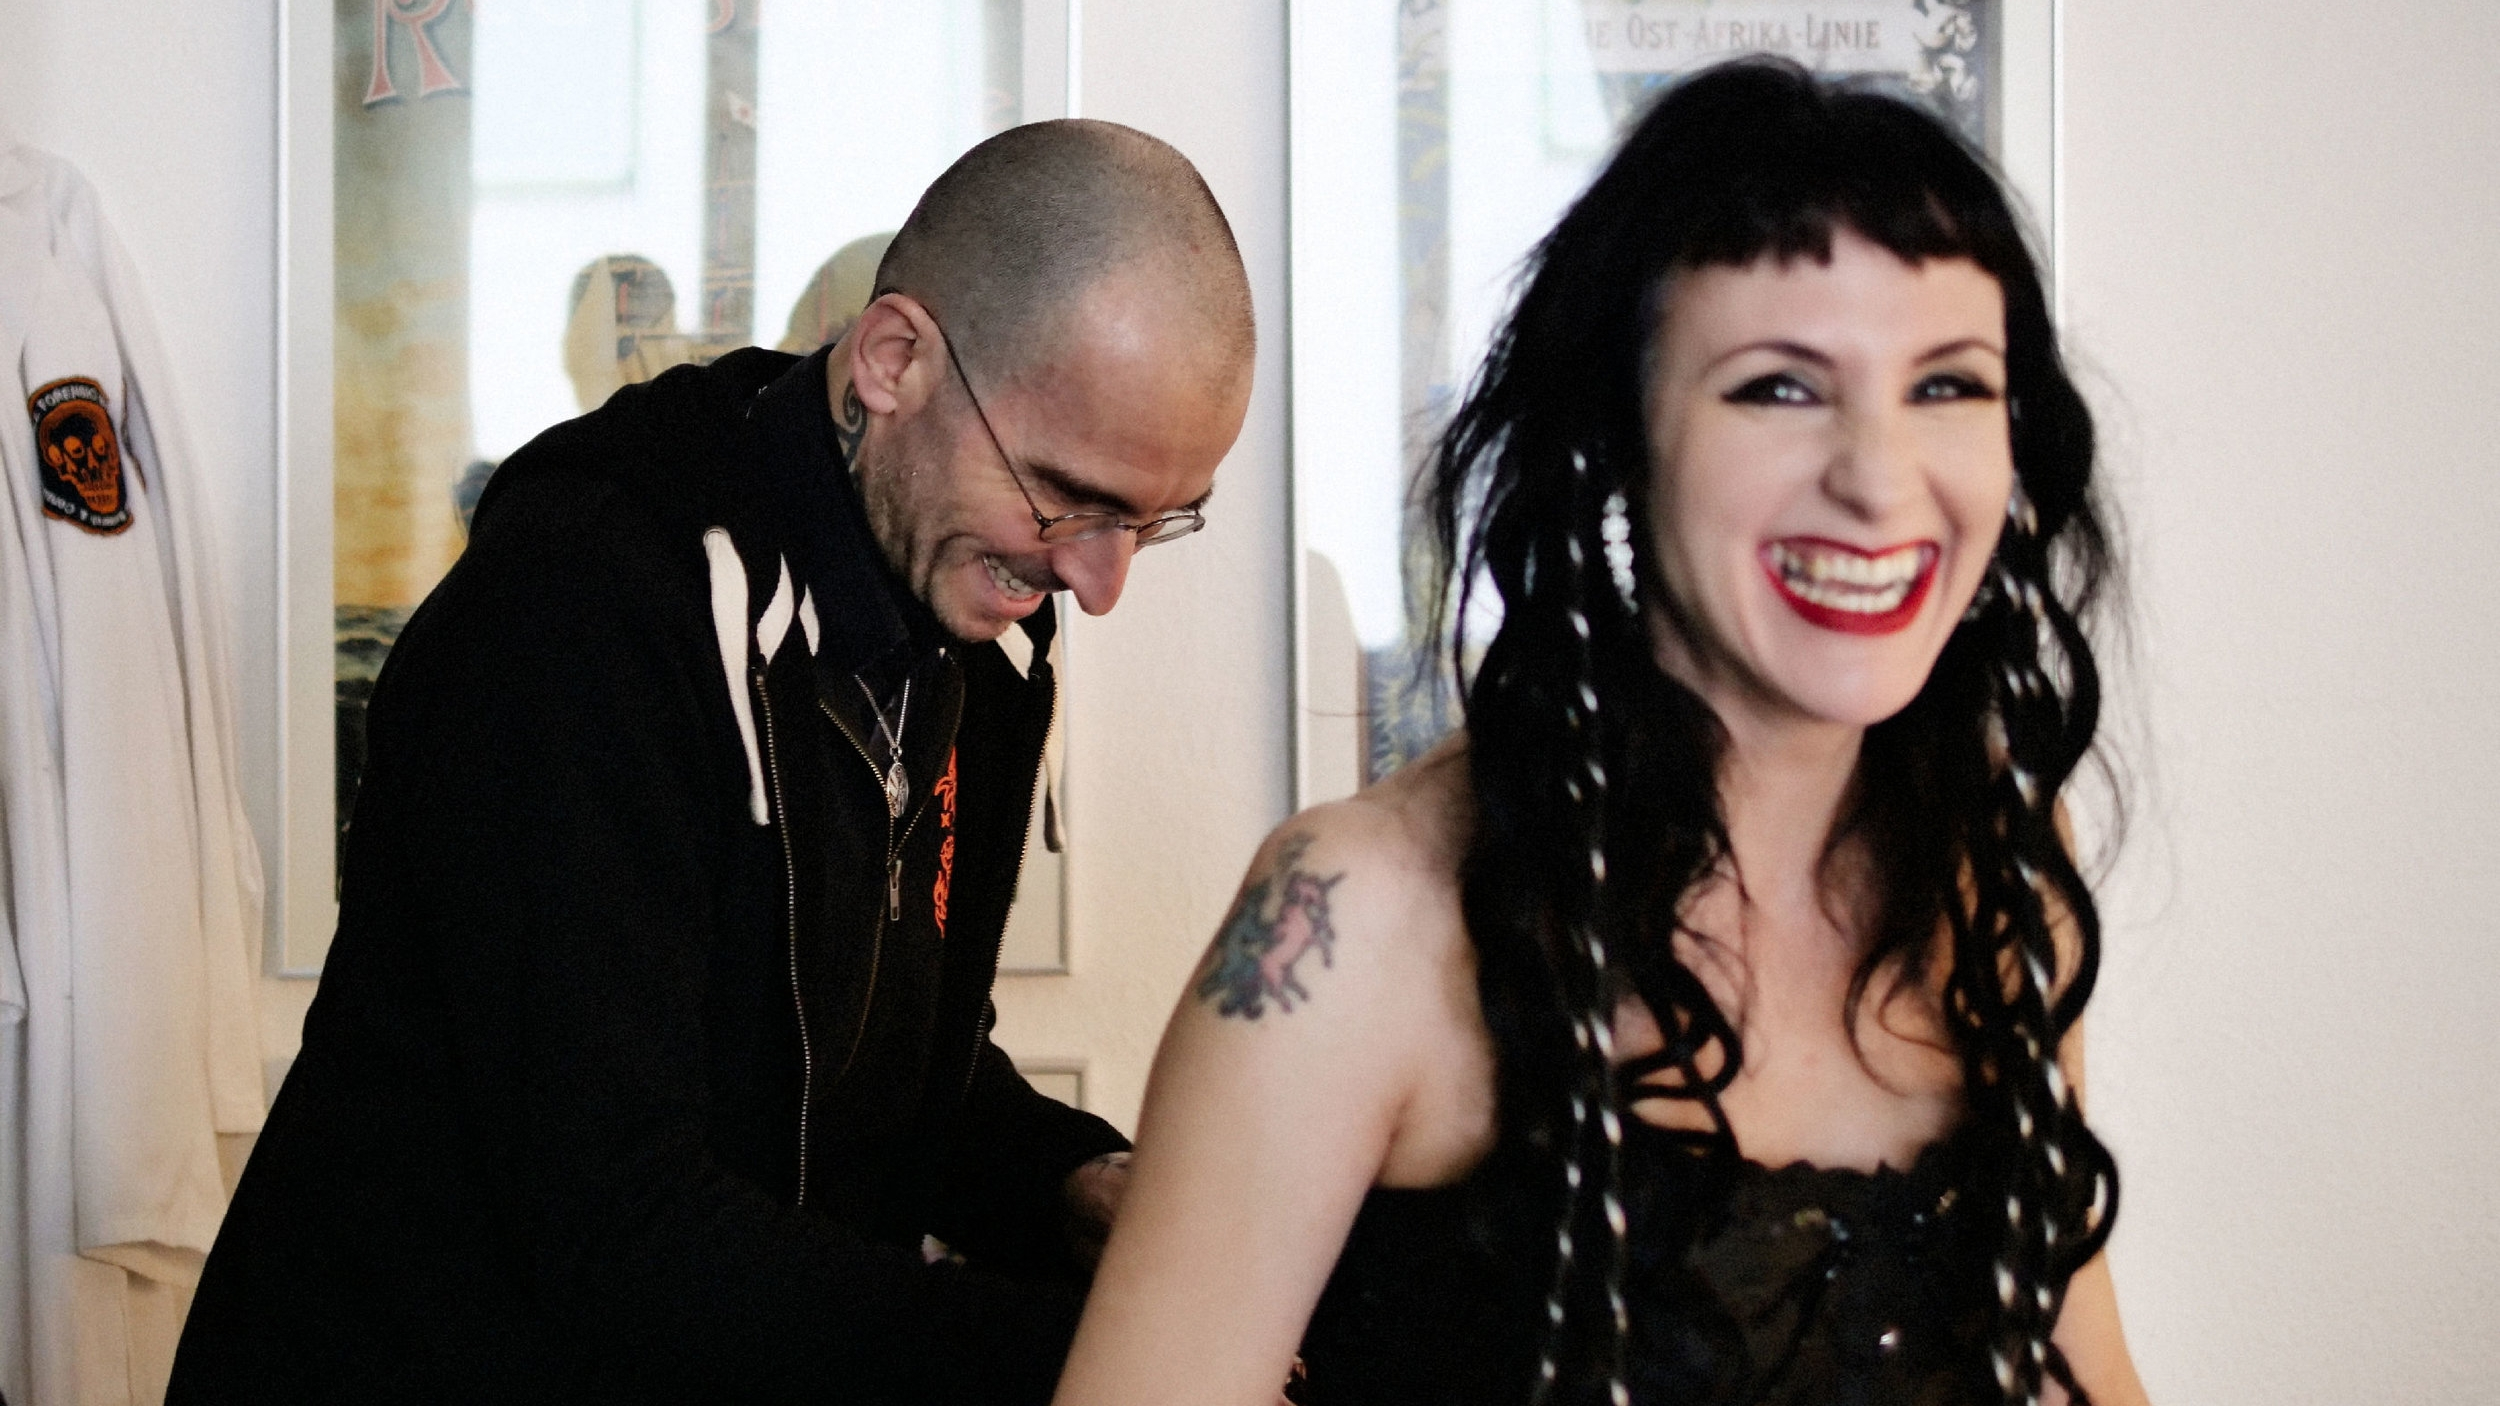 Bianca Stücker mit Mark Benecke und Portraitfotograf Daniel Hammelstein.jpg